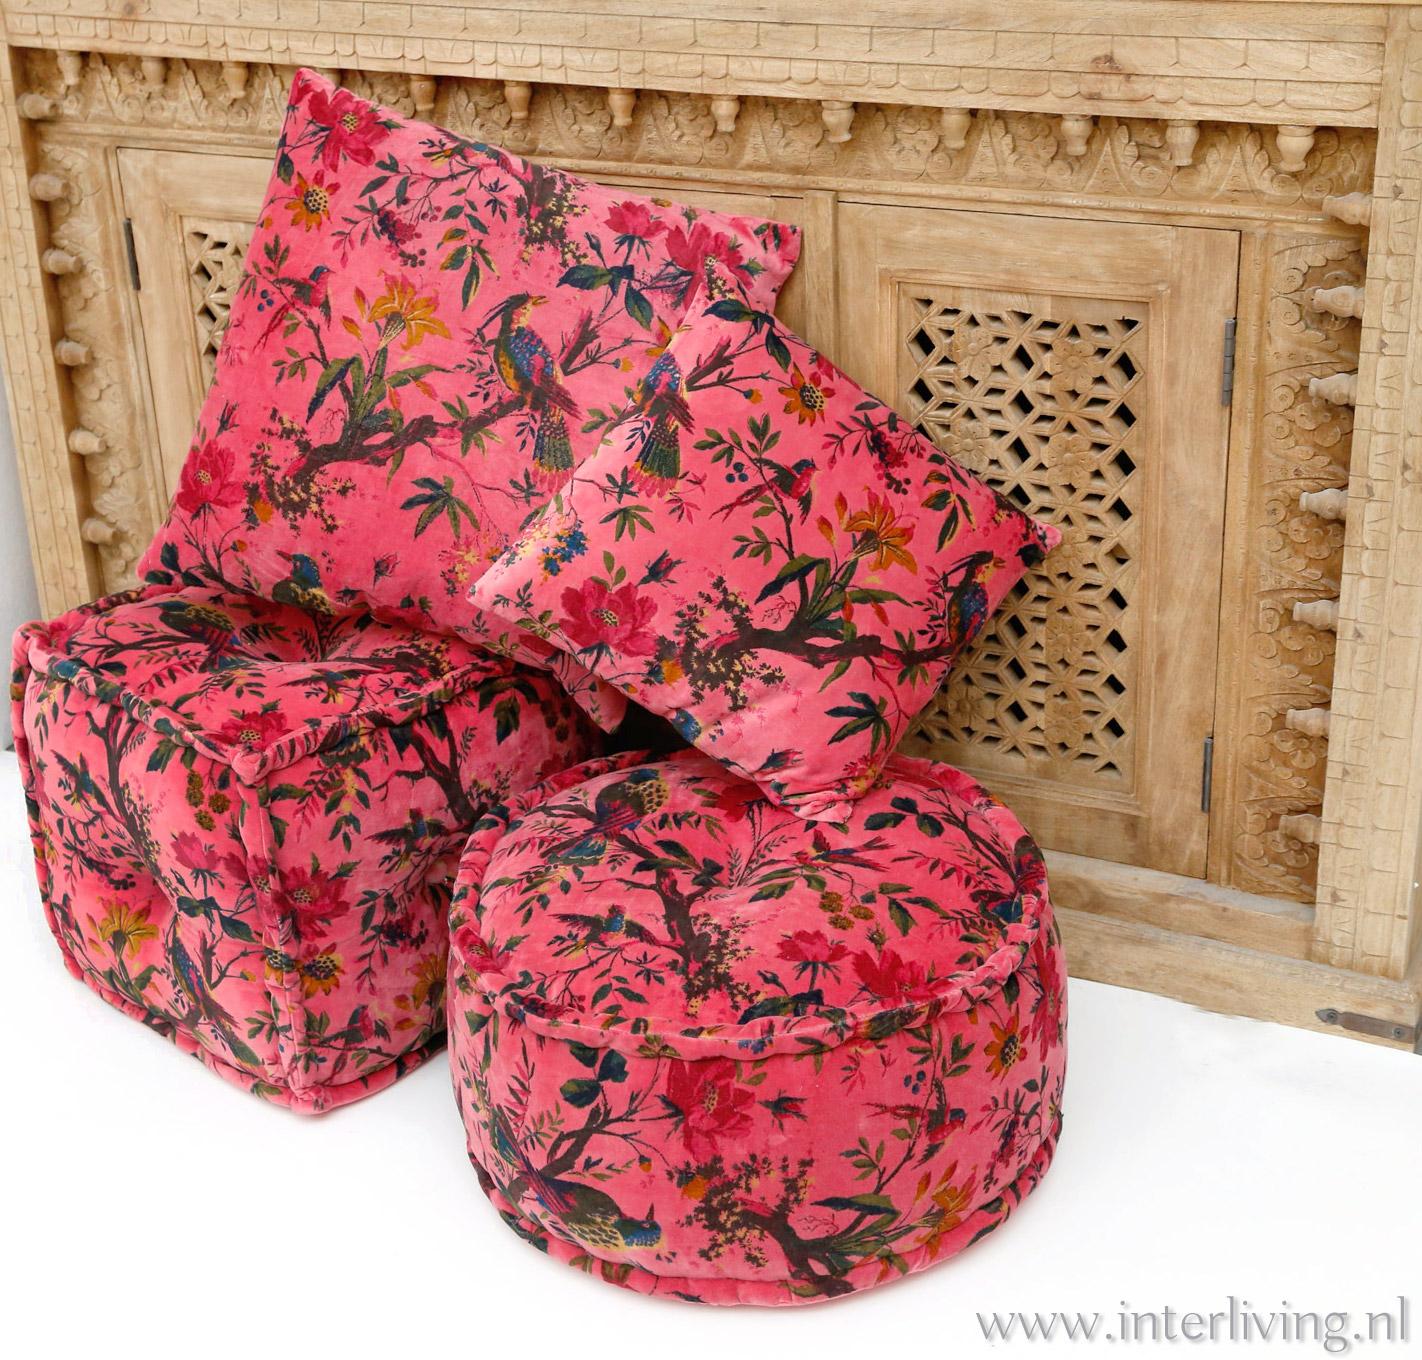 kussen poef van roze fluweel met vogels en bloemen print